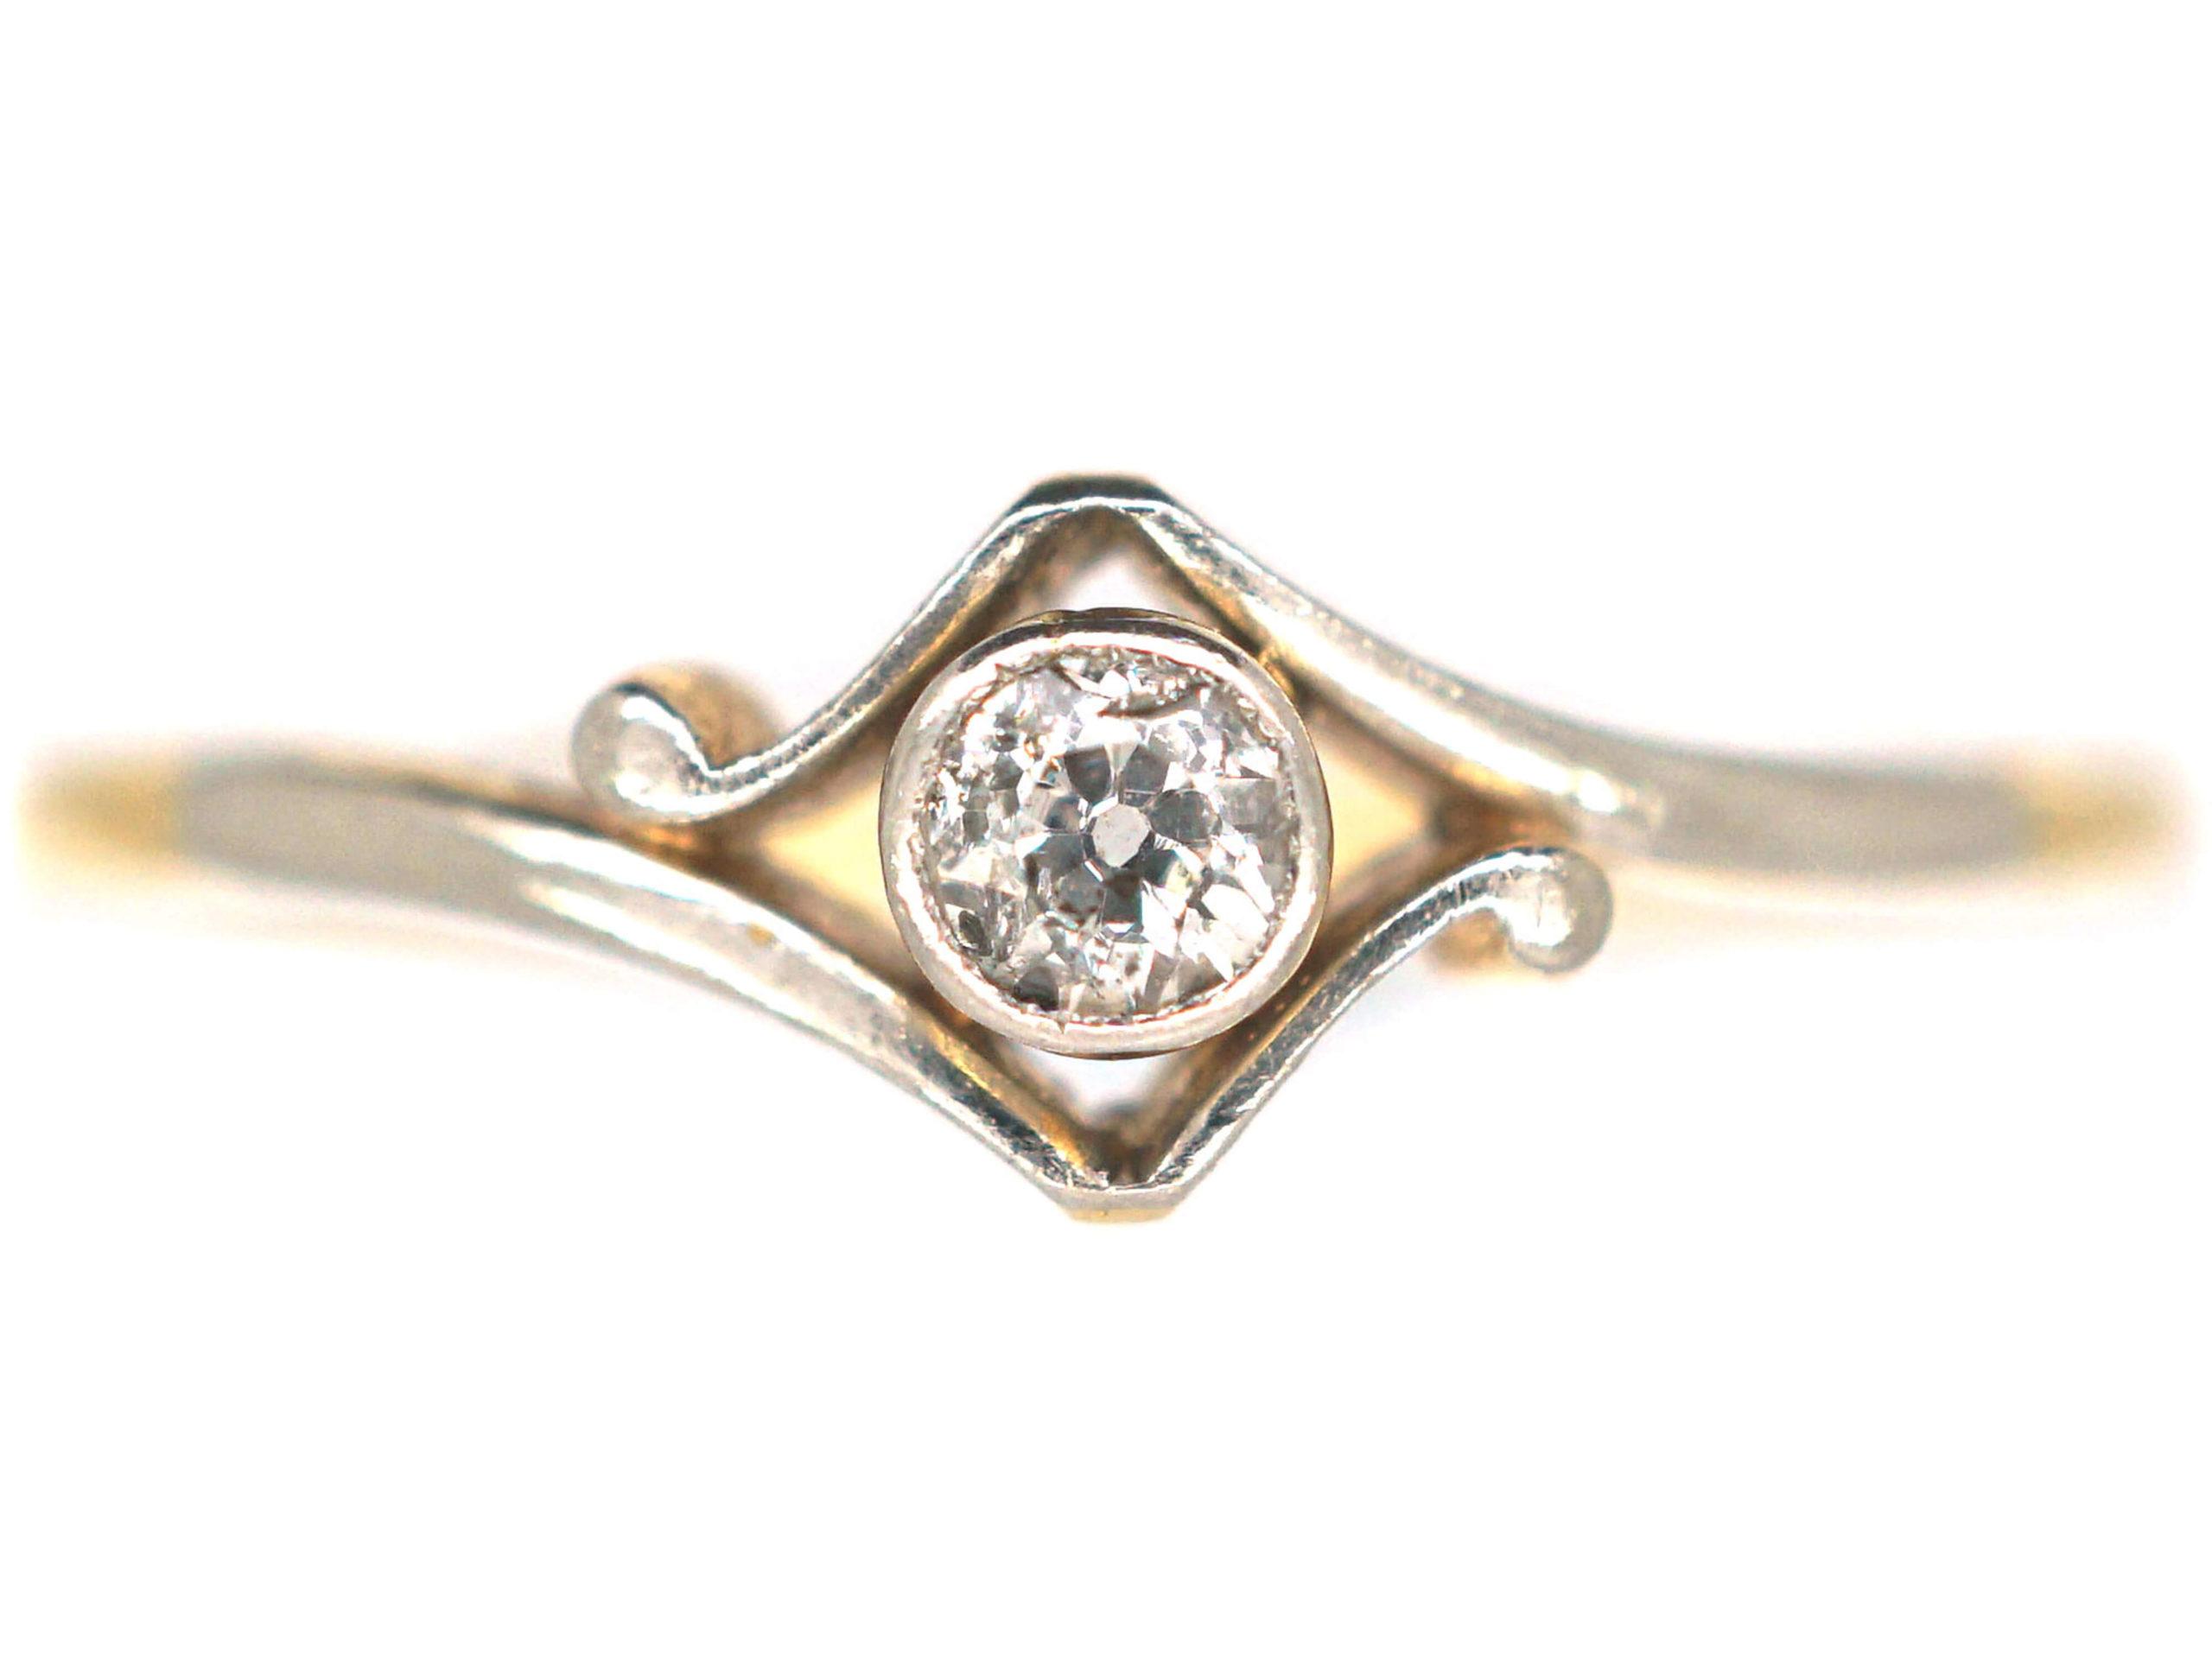 Art Deco 18ct Gold & Platinum, Diamond Solitaire Ring